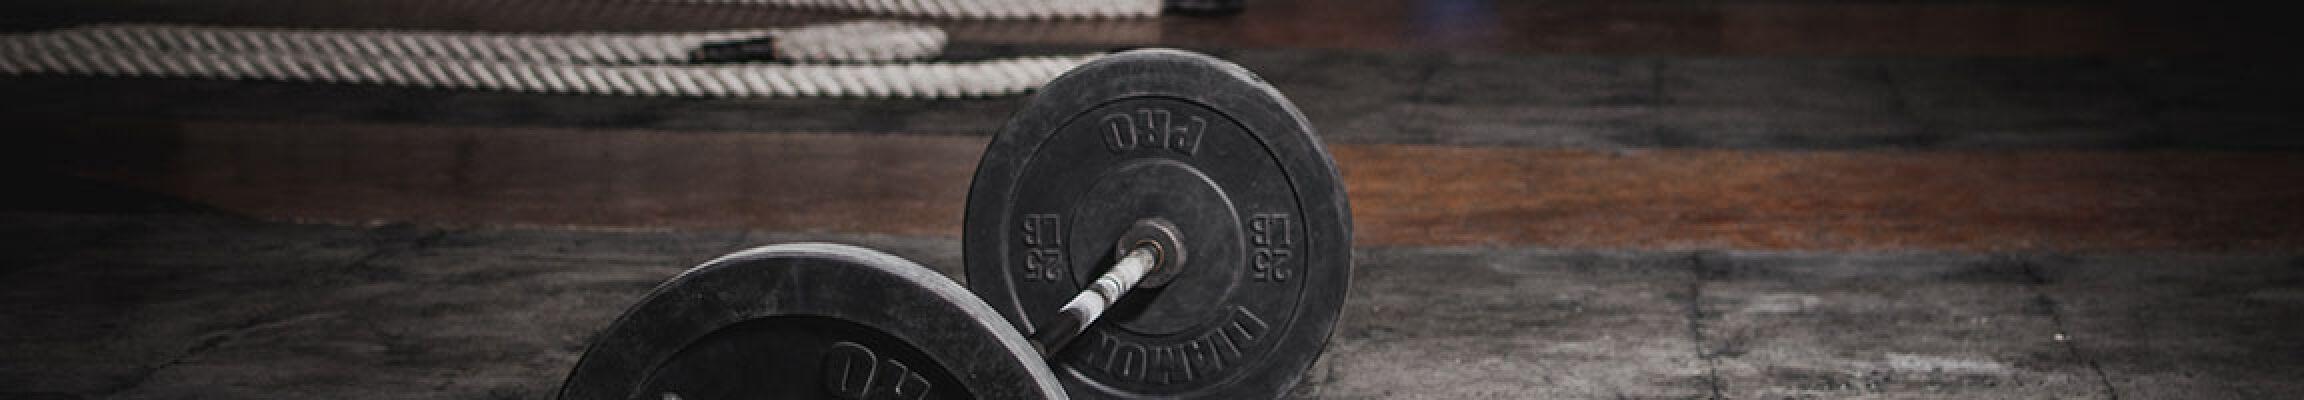 Übungsauswahl Muskelaufbau -Wann sind welche Arten von Übungen am Besten?